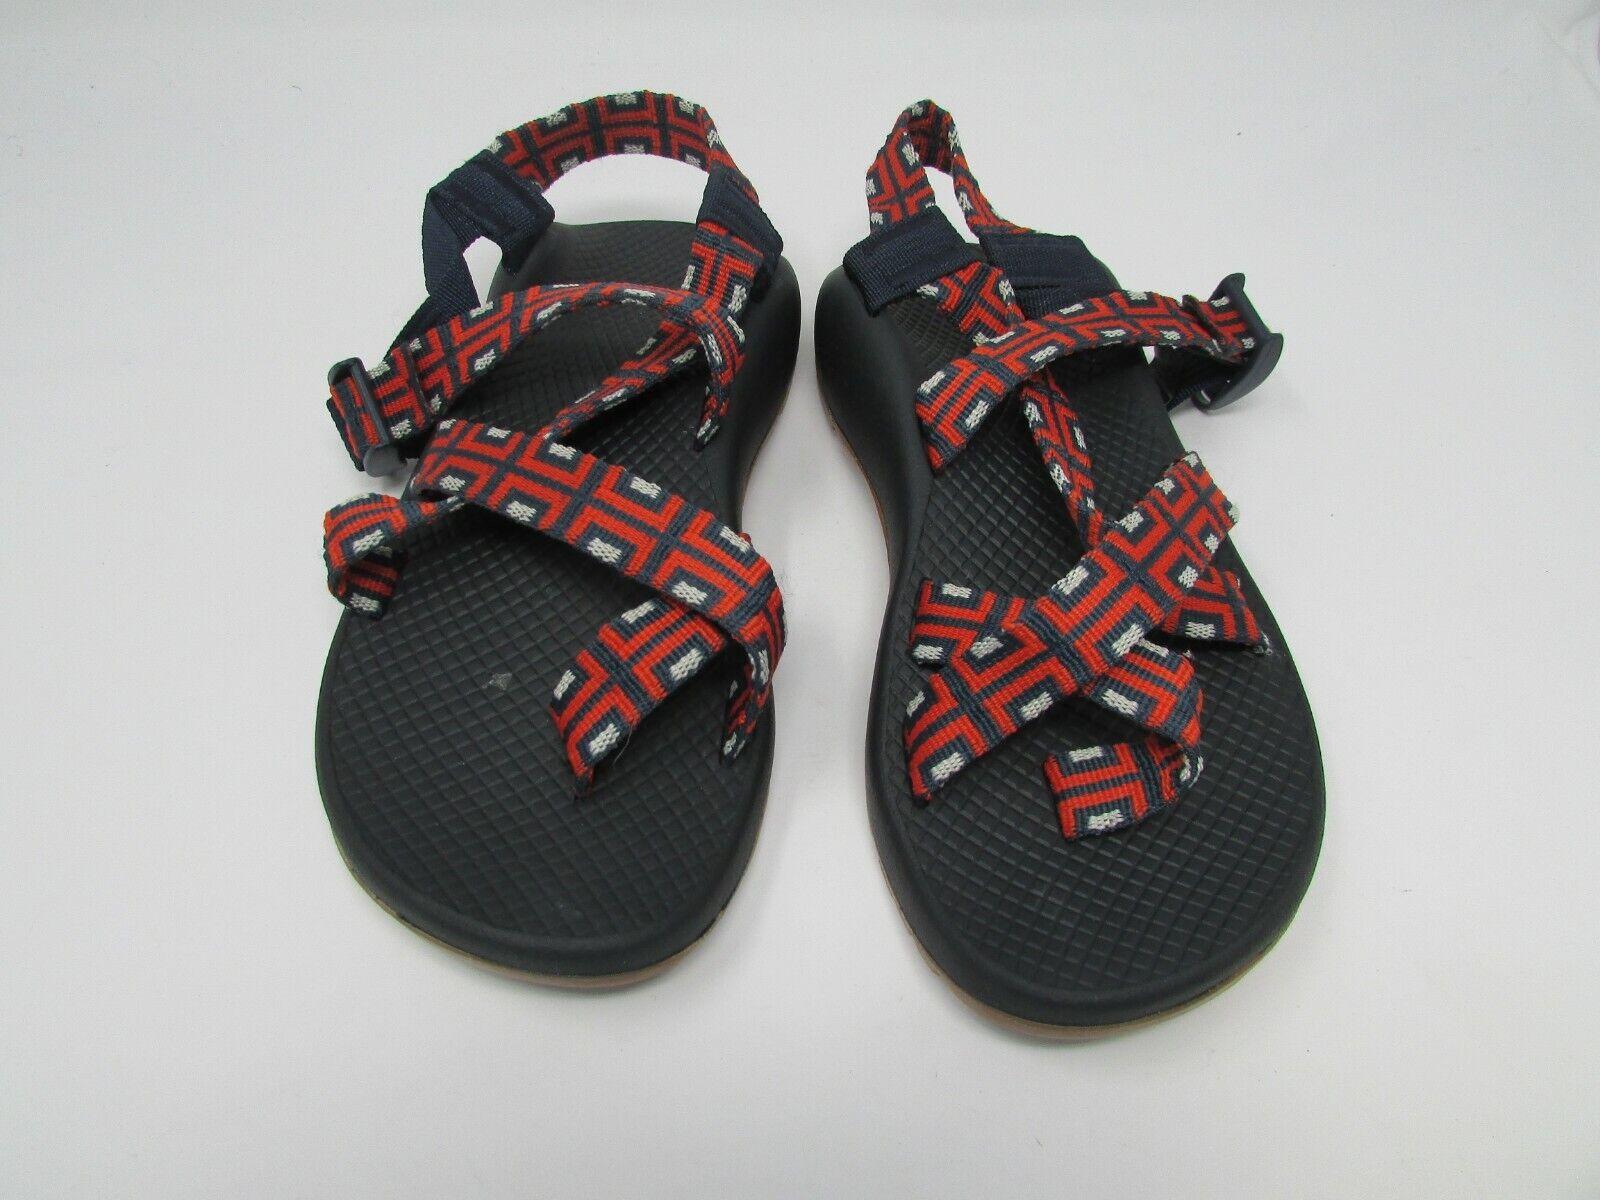 Chaco Womens Z 2 Classic Sandal, Prairie Grenadine, Size 7, RETAIL  105, FS